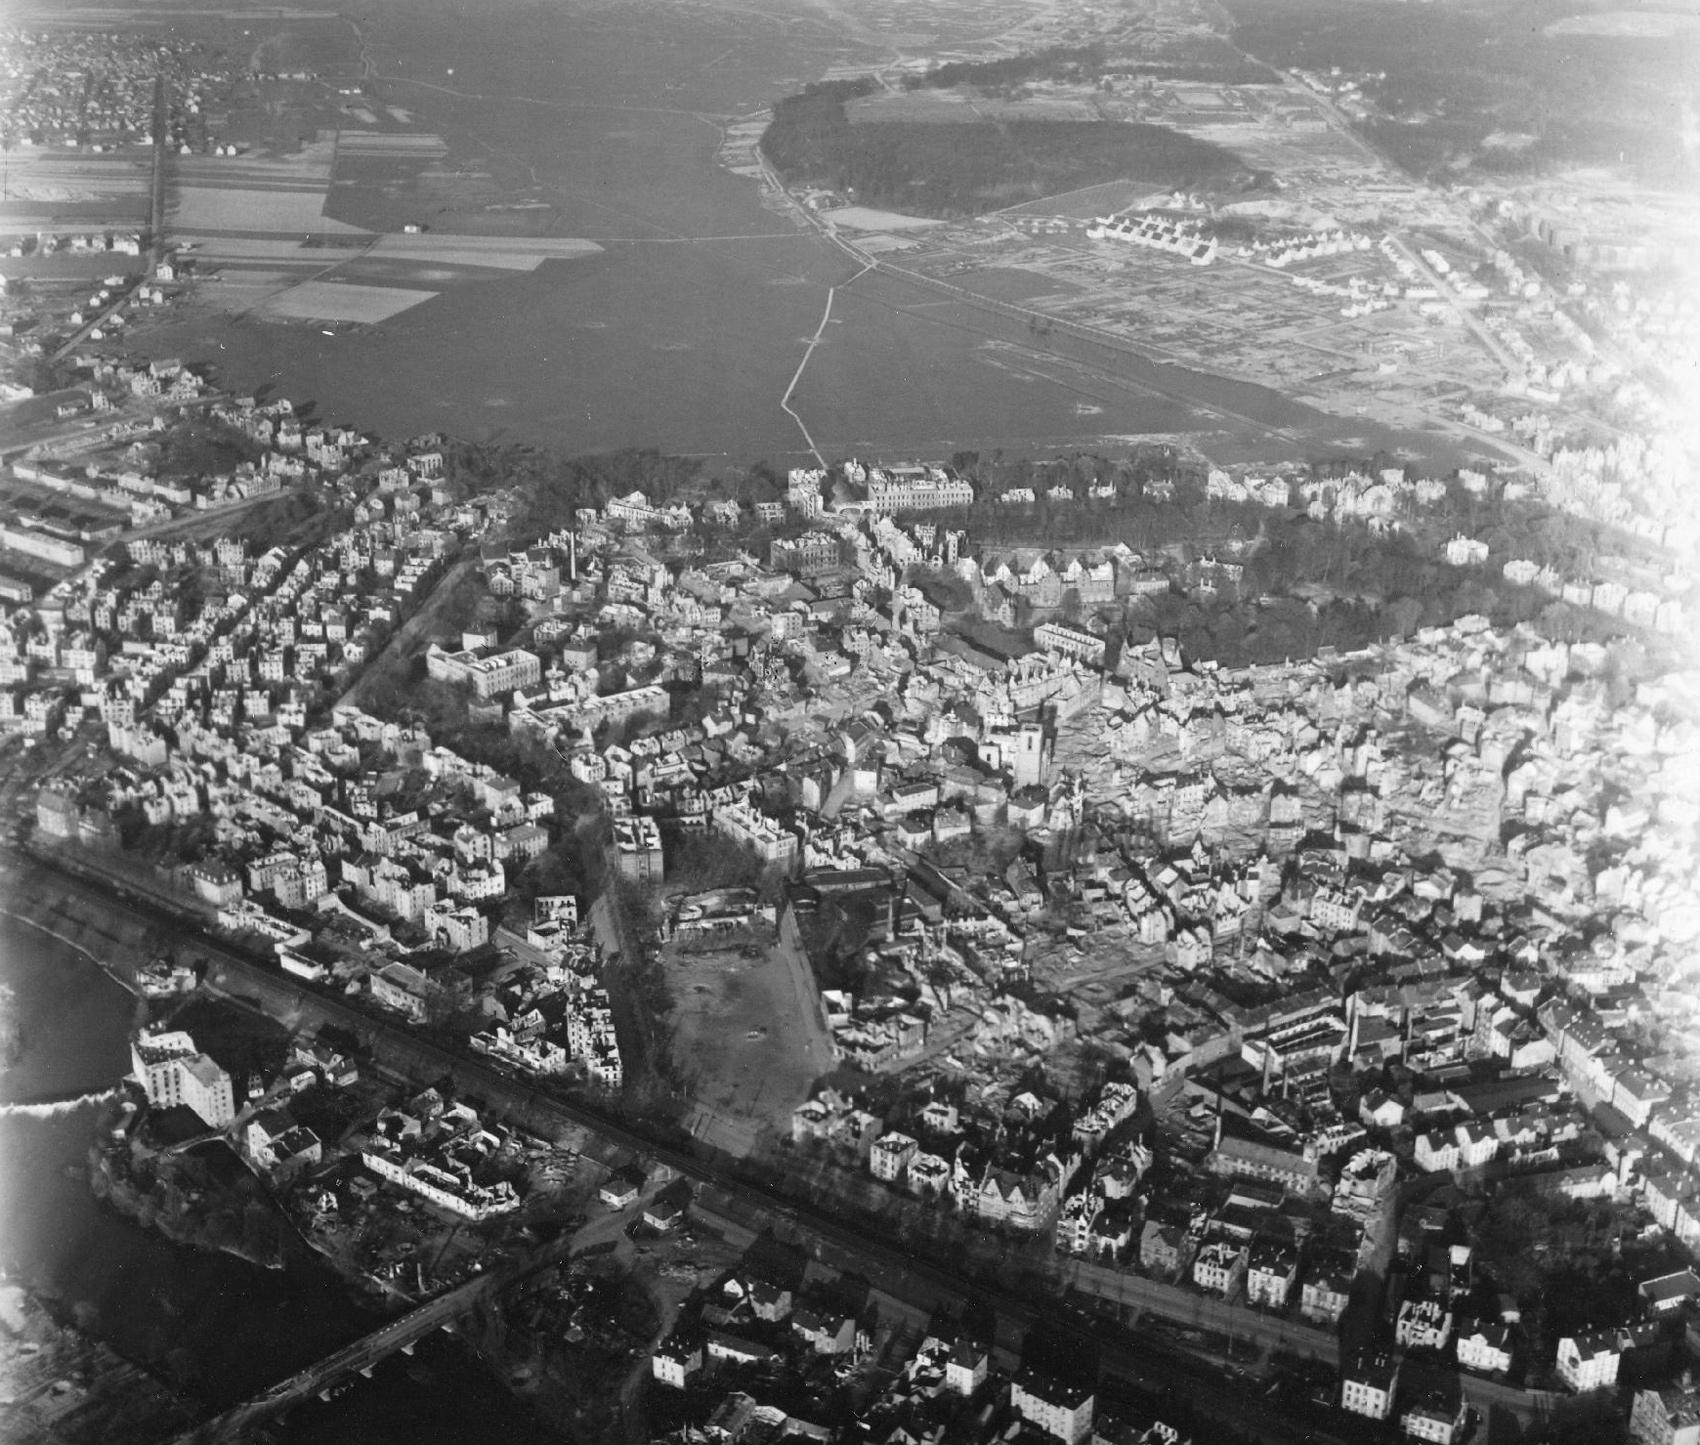 Luftbild von Gießen aus dem Mai 1945: Sachsenhäuser Brücke, Lahn und Kinkels Mühle